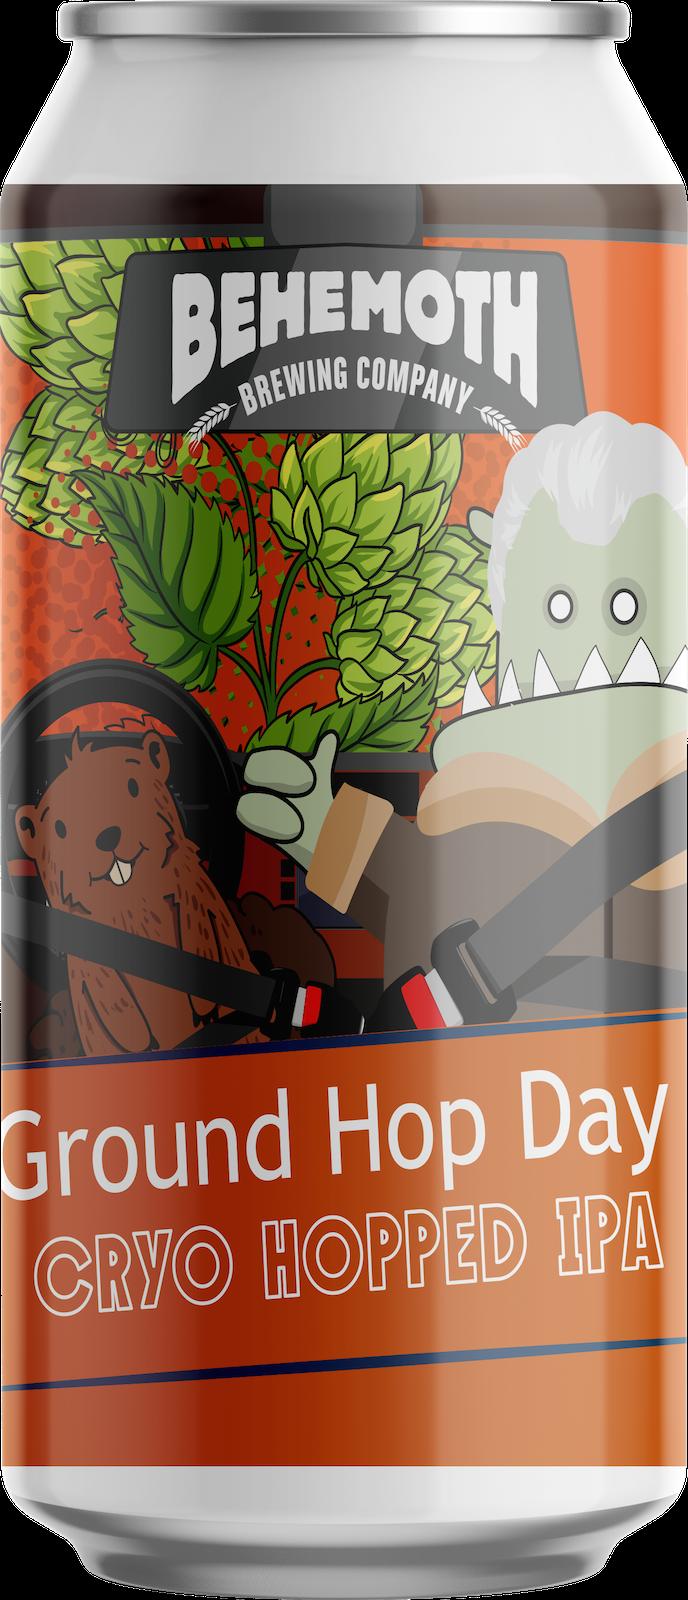 Ground Hop Day